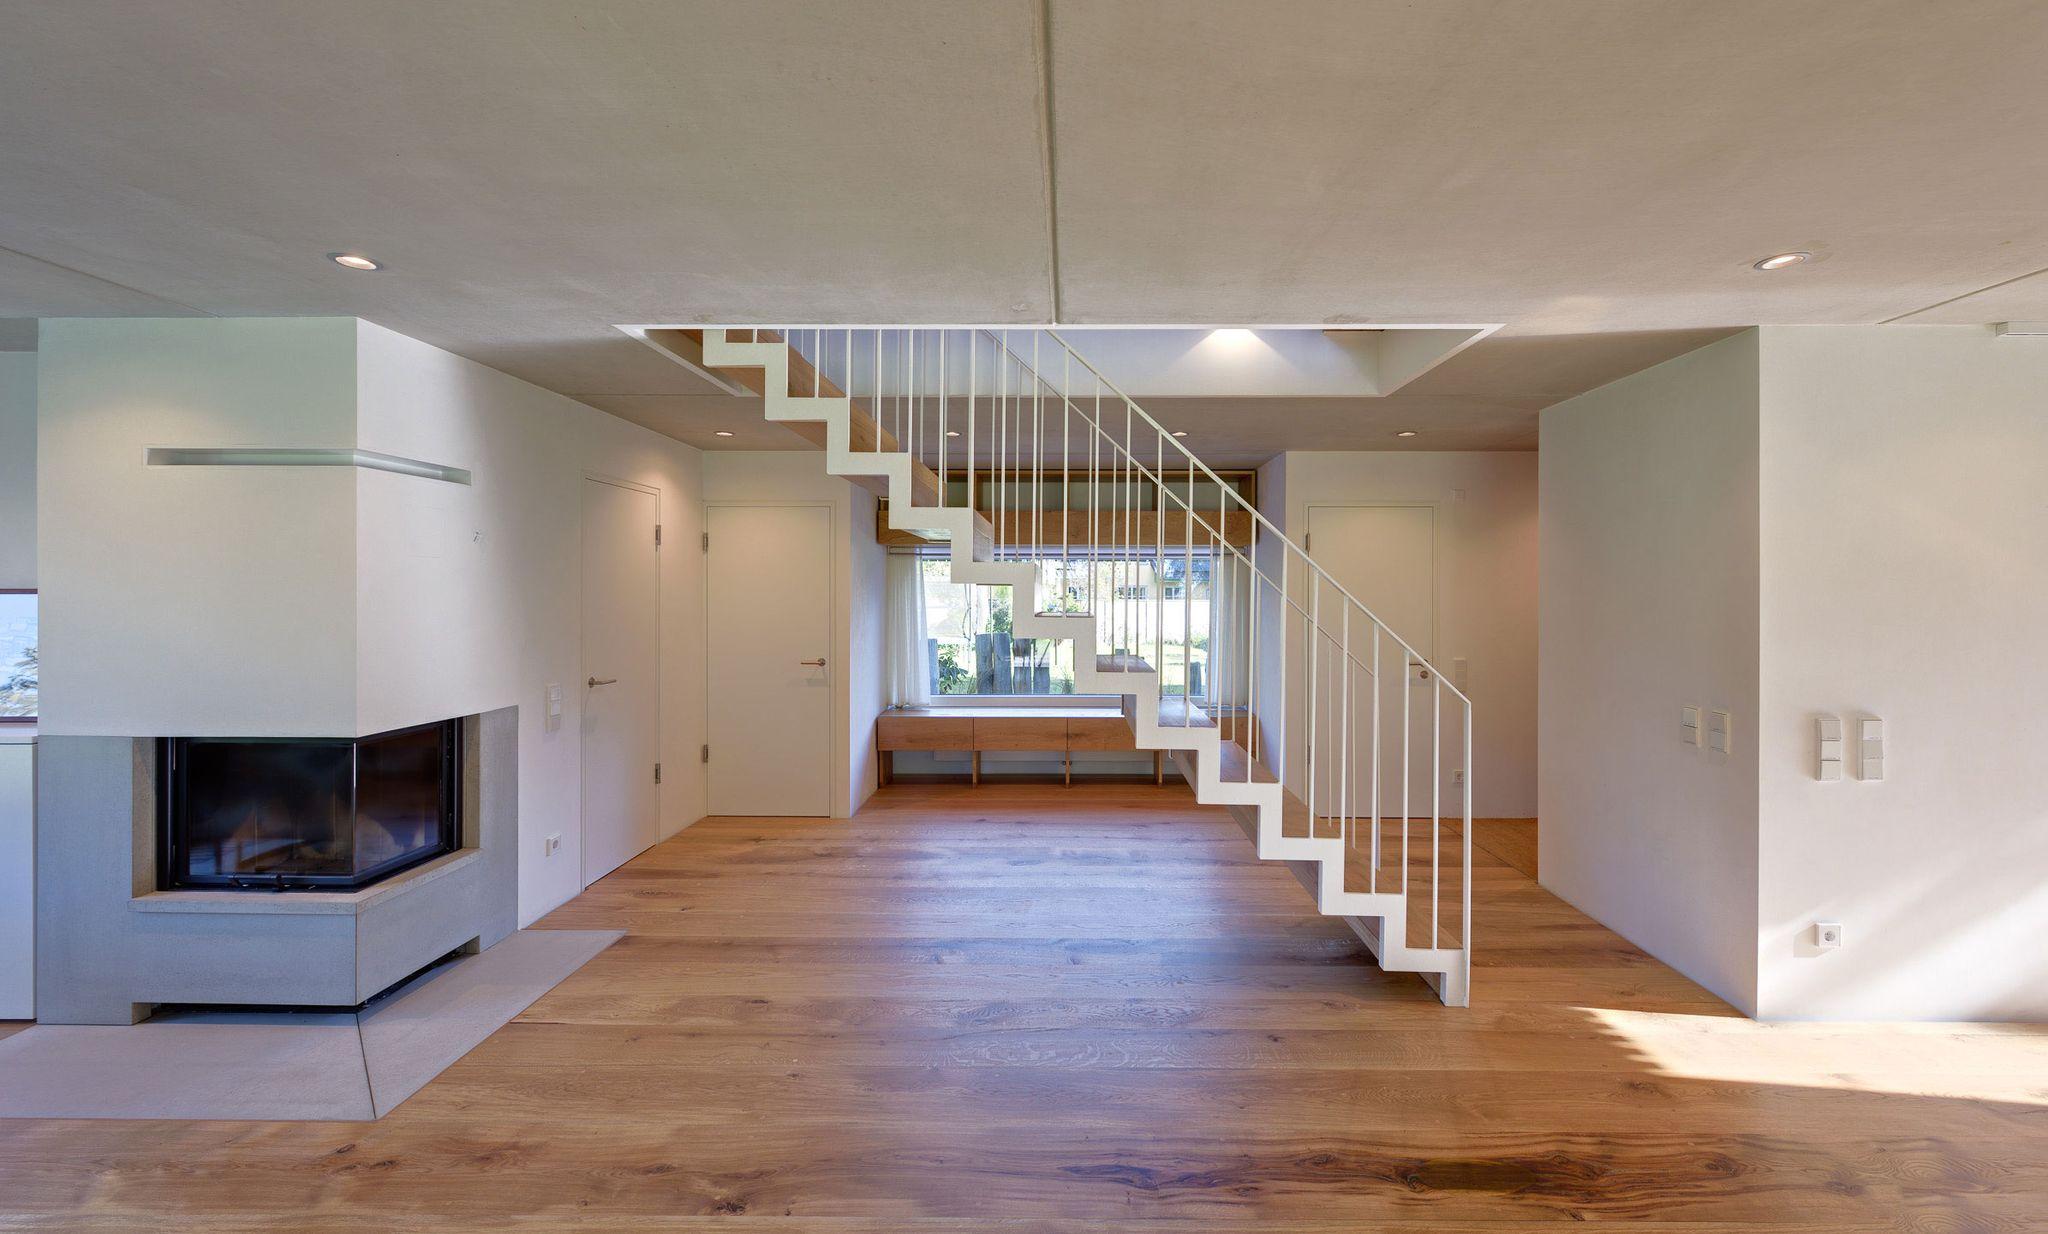 moehring-architekten 09